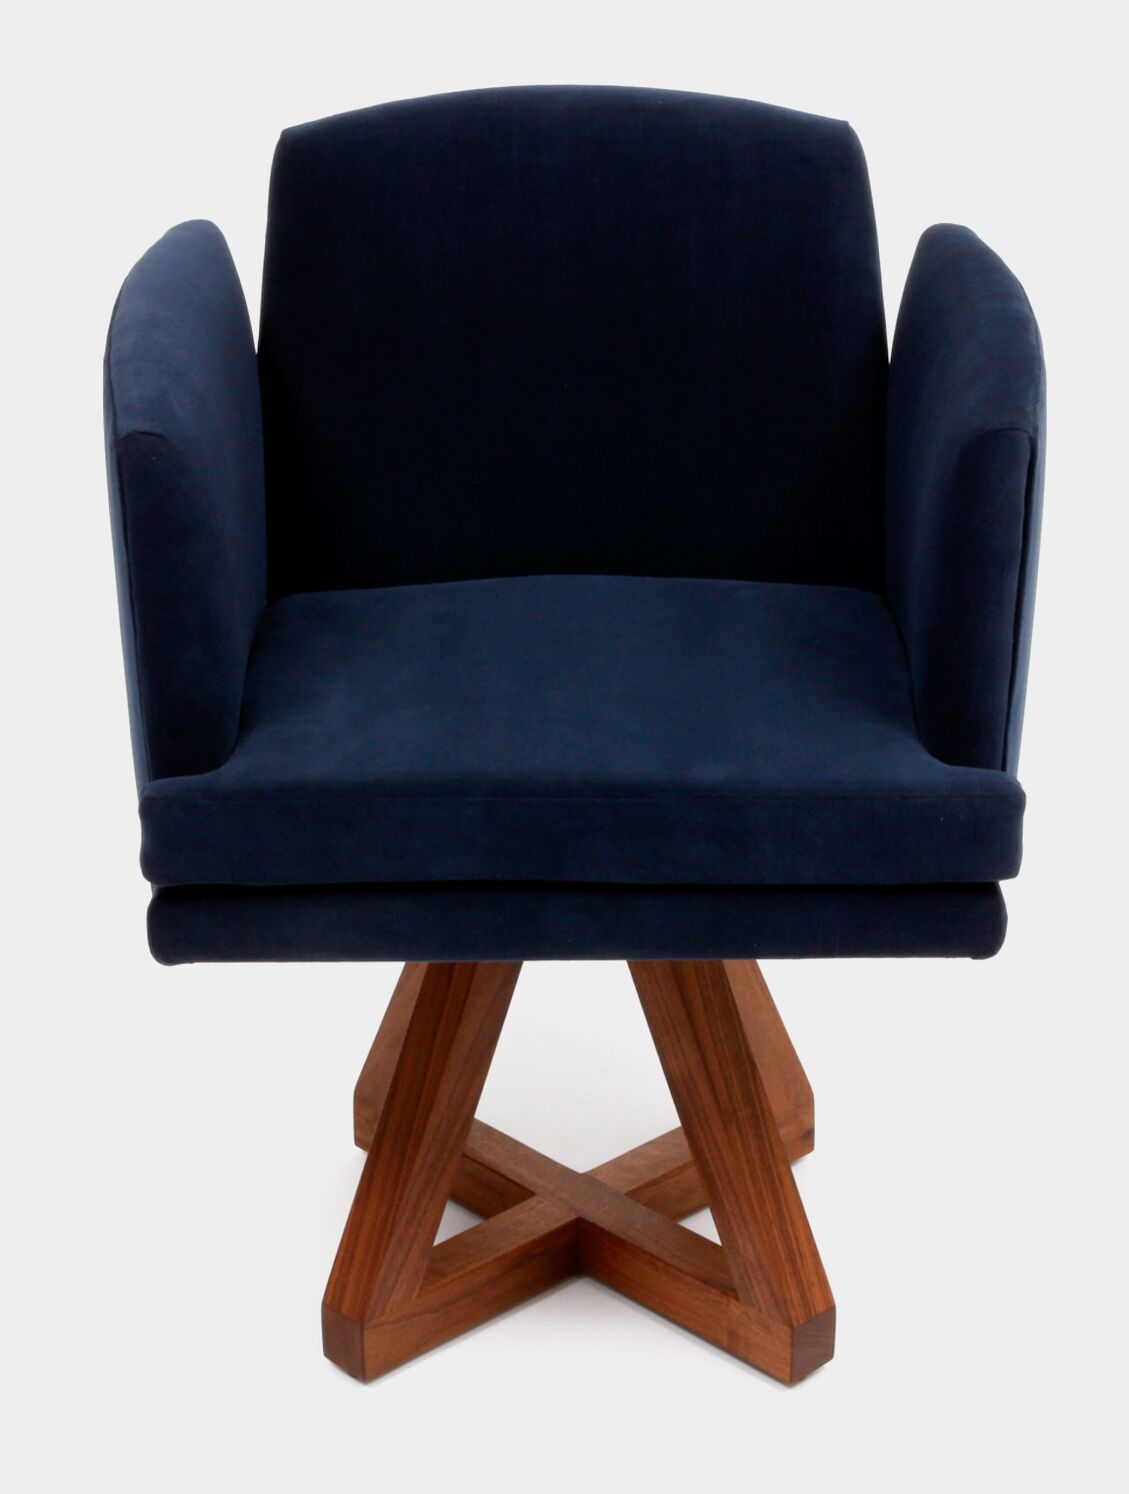 Allison Swivel Base Upholstered Dining Chair Upholstery: Deep Blue